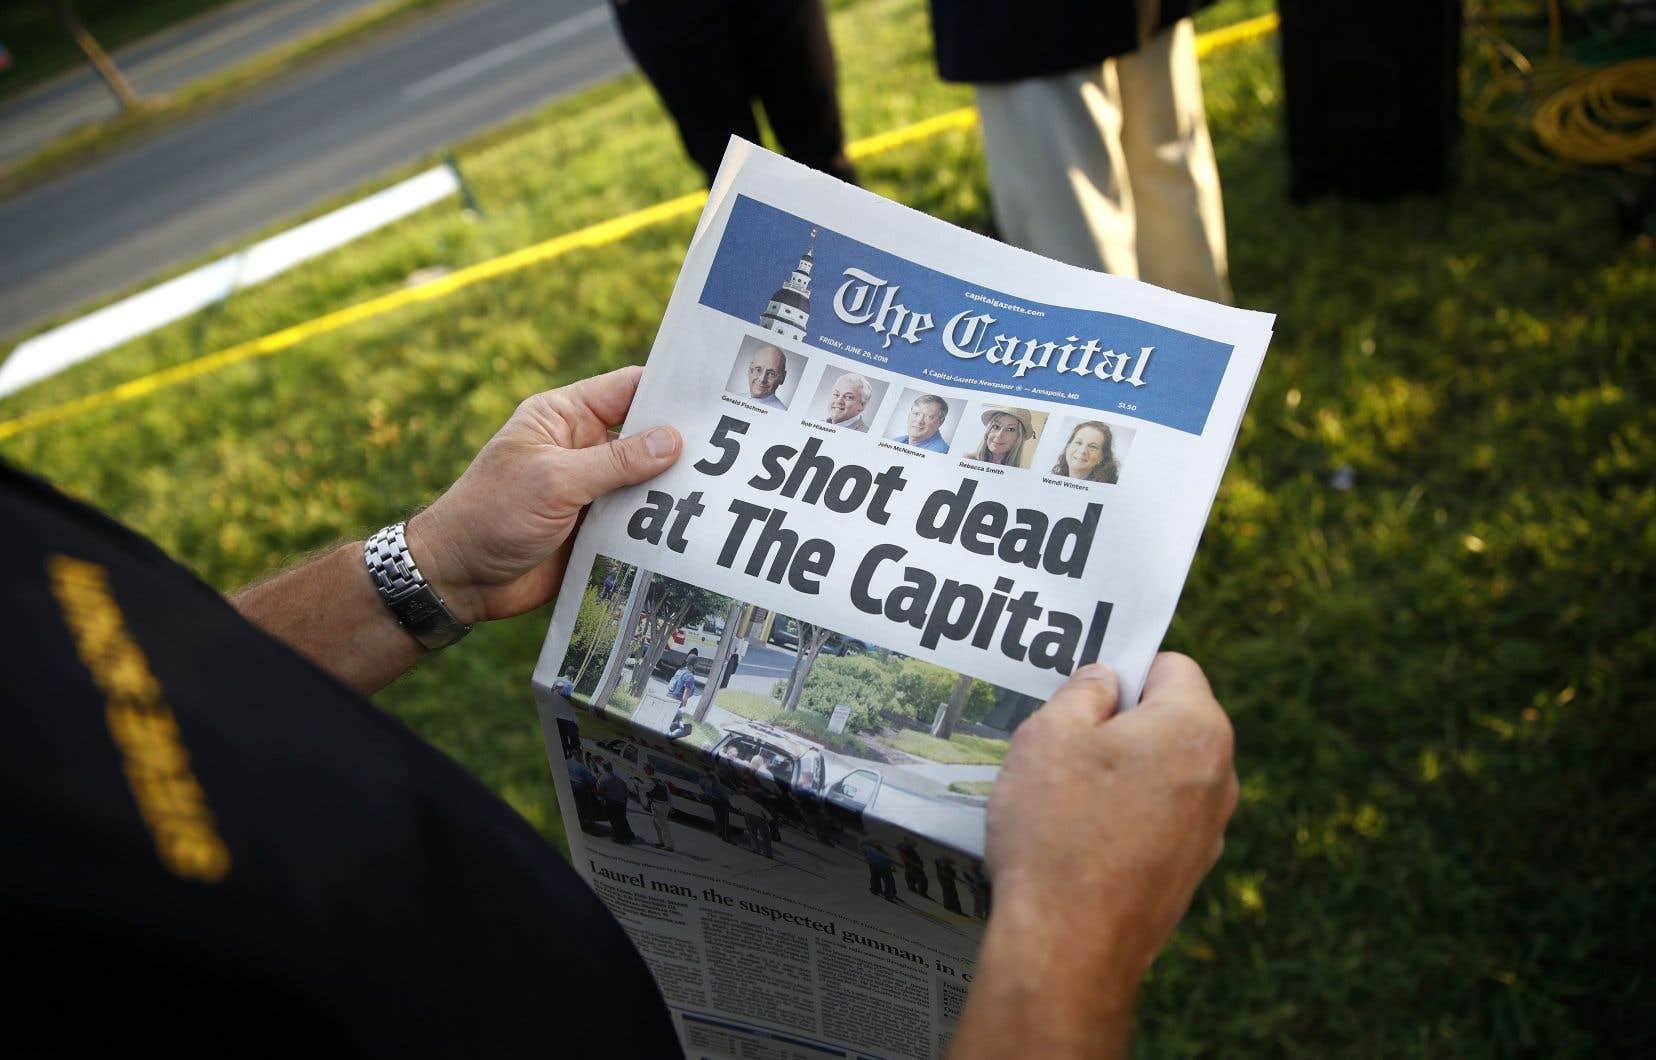 Malgré la tragédie, l'équipe du «Capital Gazette» a tenu à produire son édition du 29 juin.